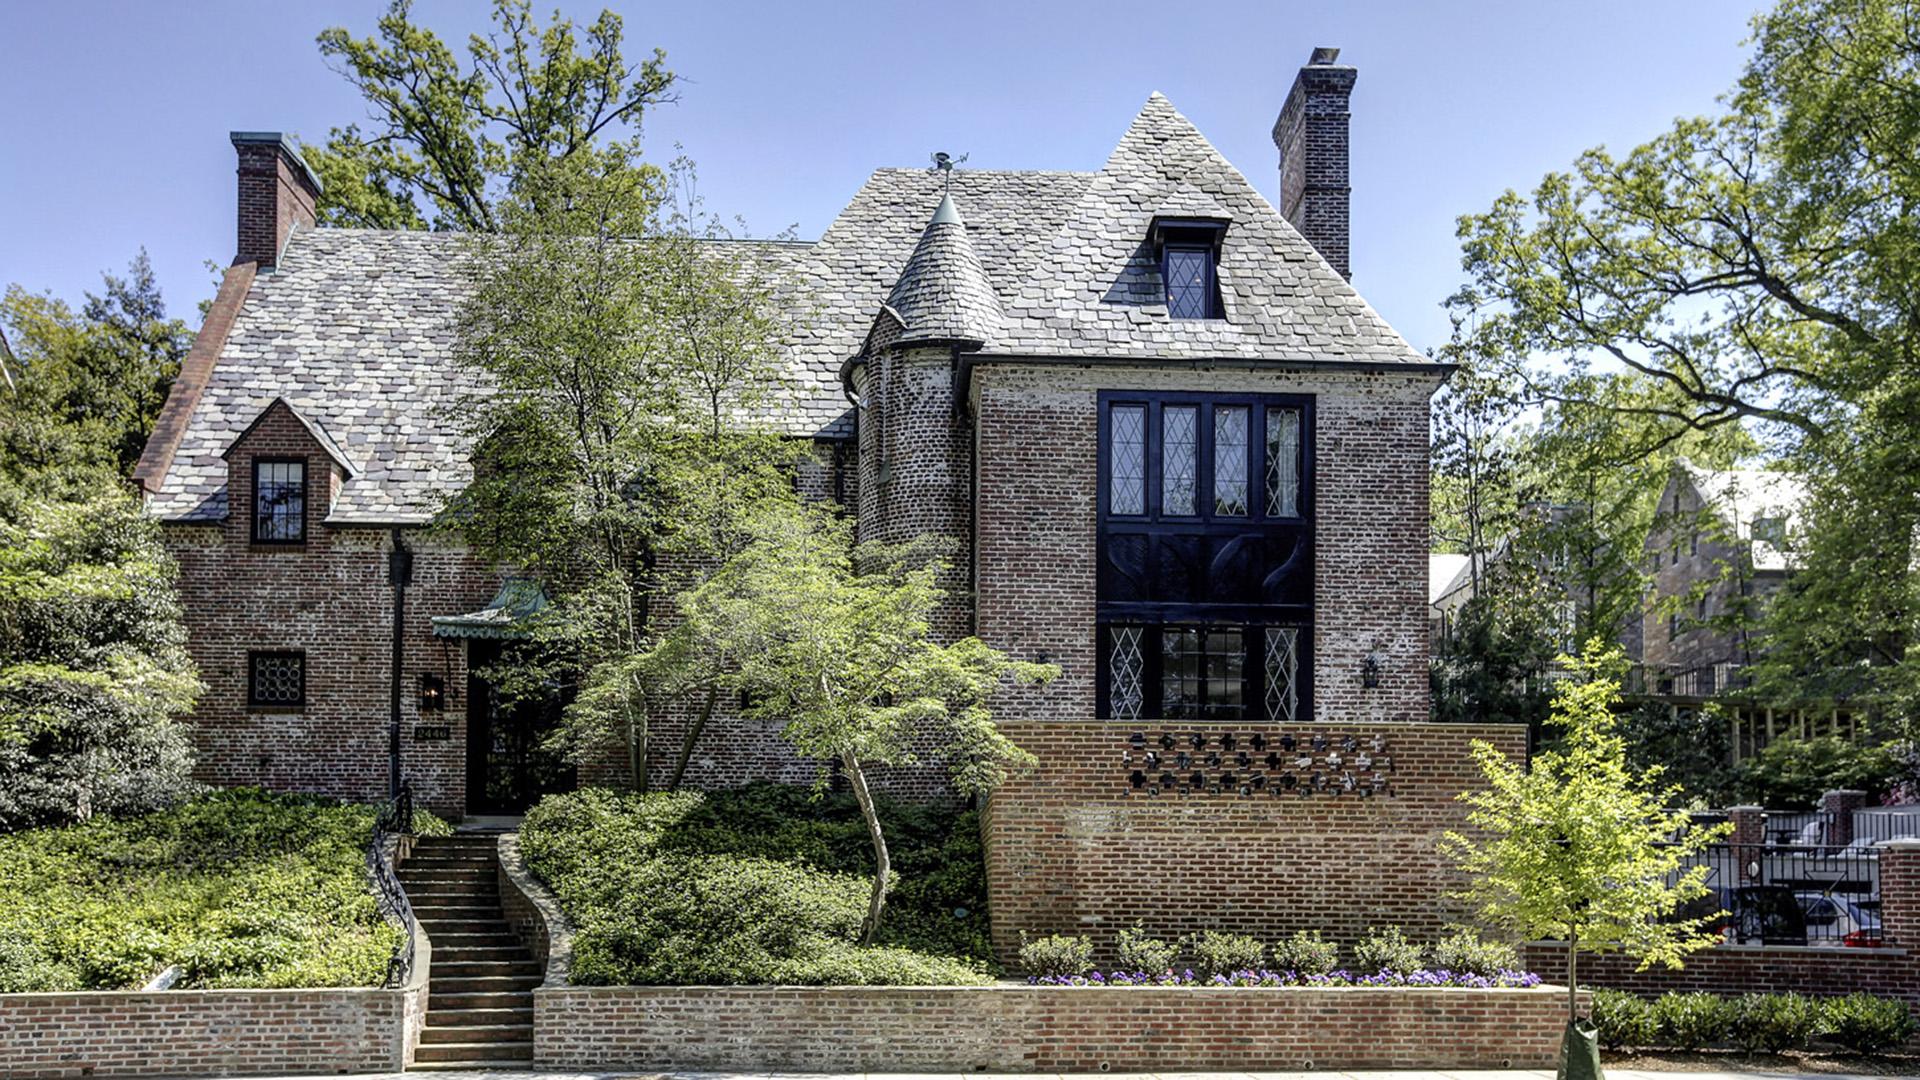 obamas home: take a tour of their new washington dc house - today